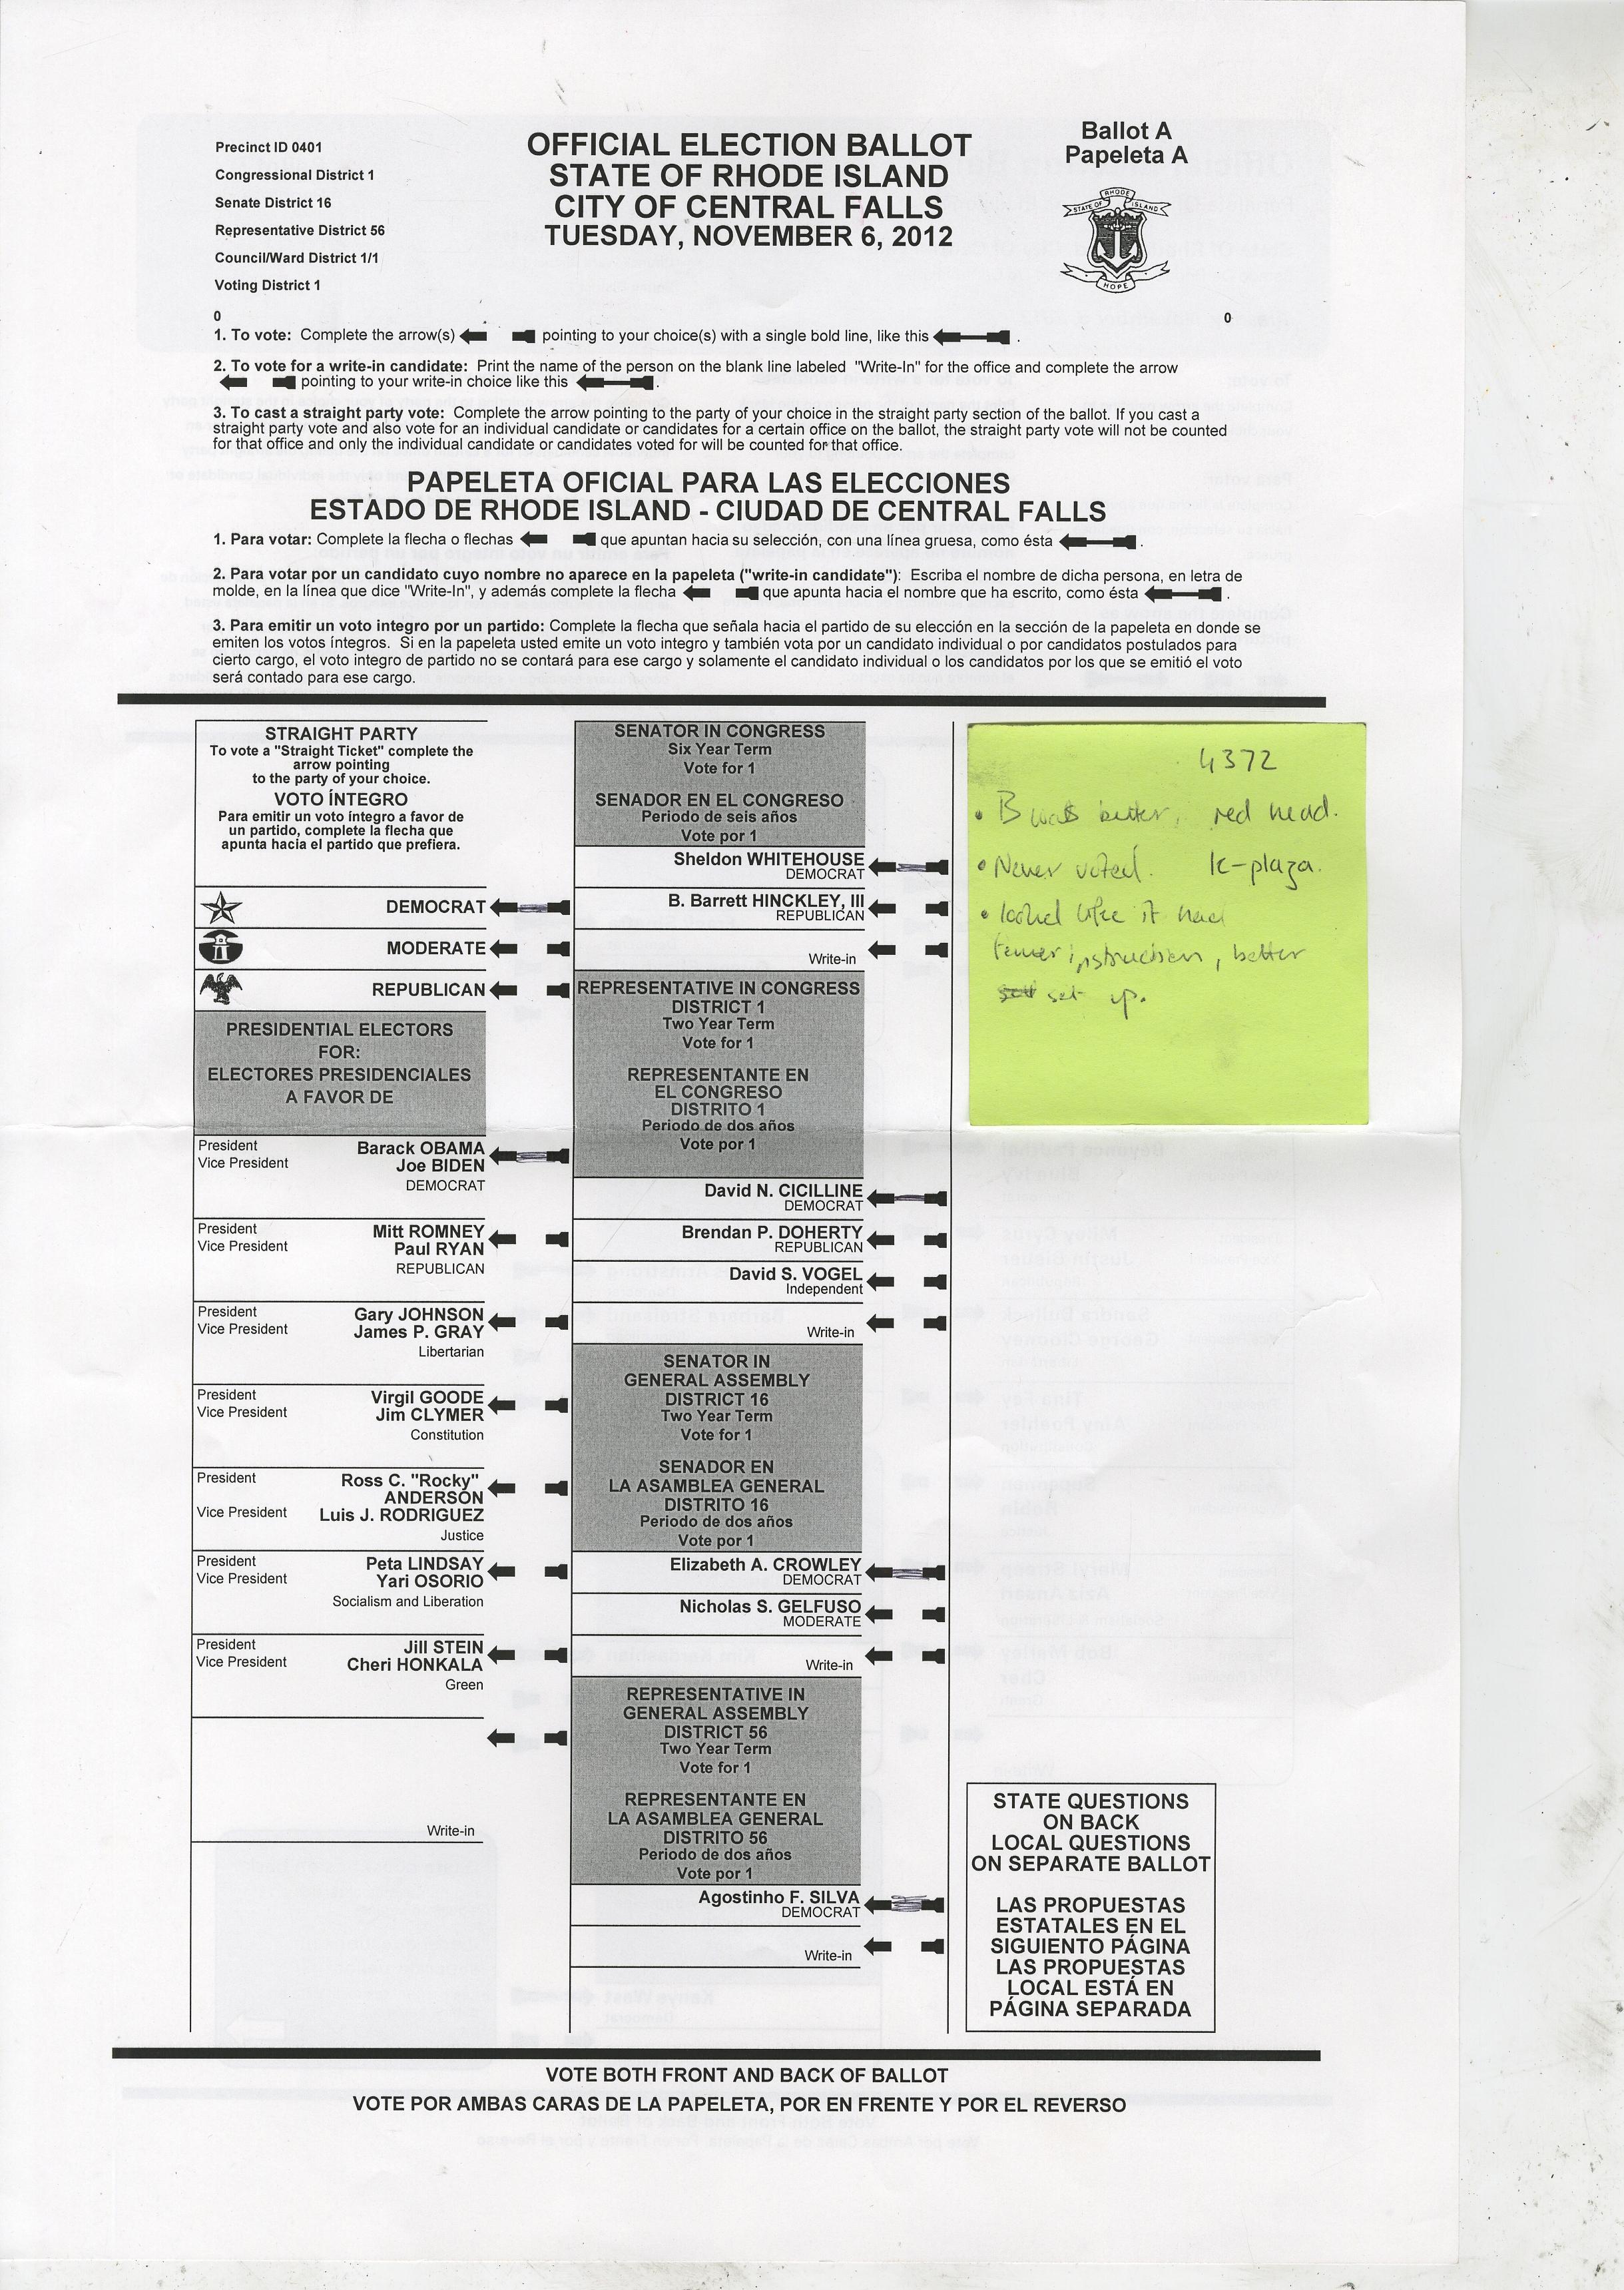 ballot14.jpg